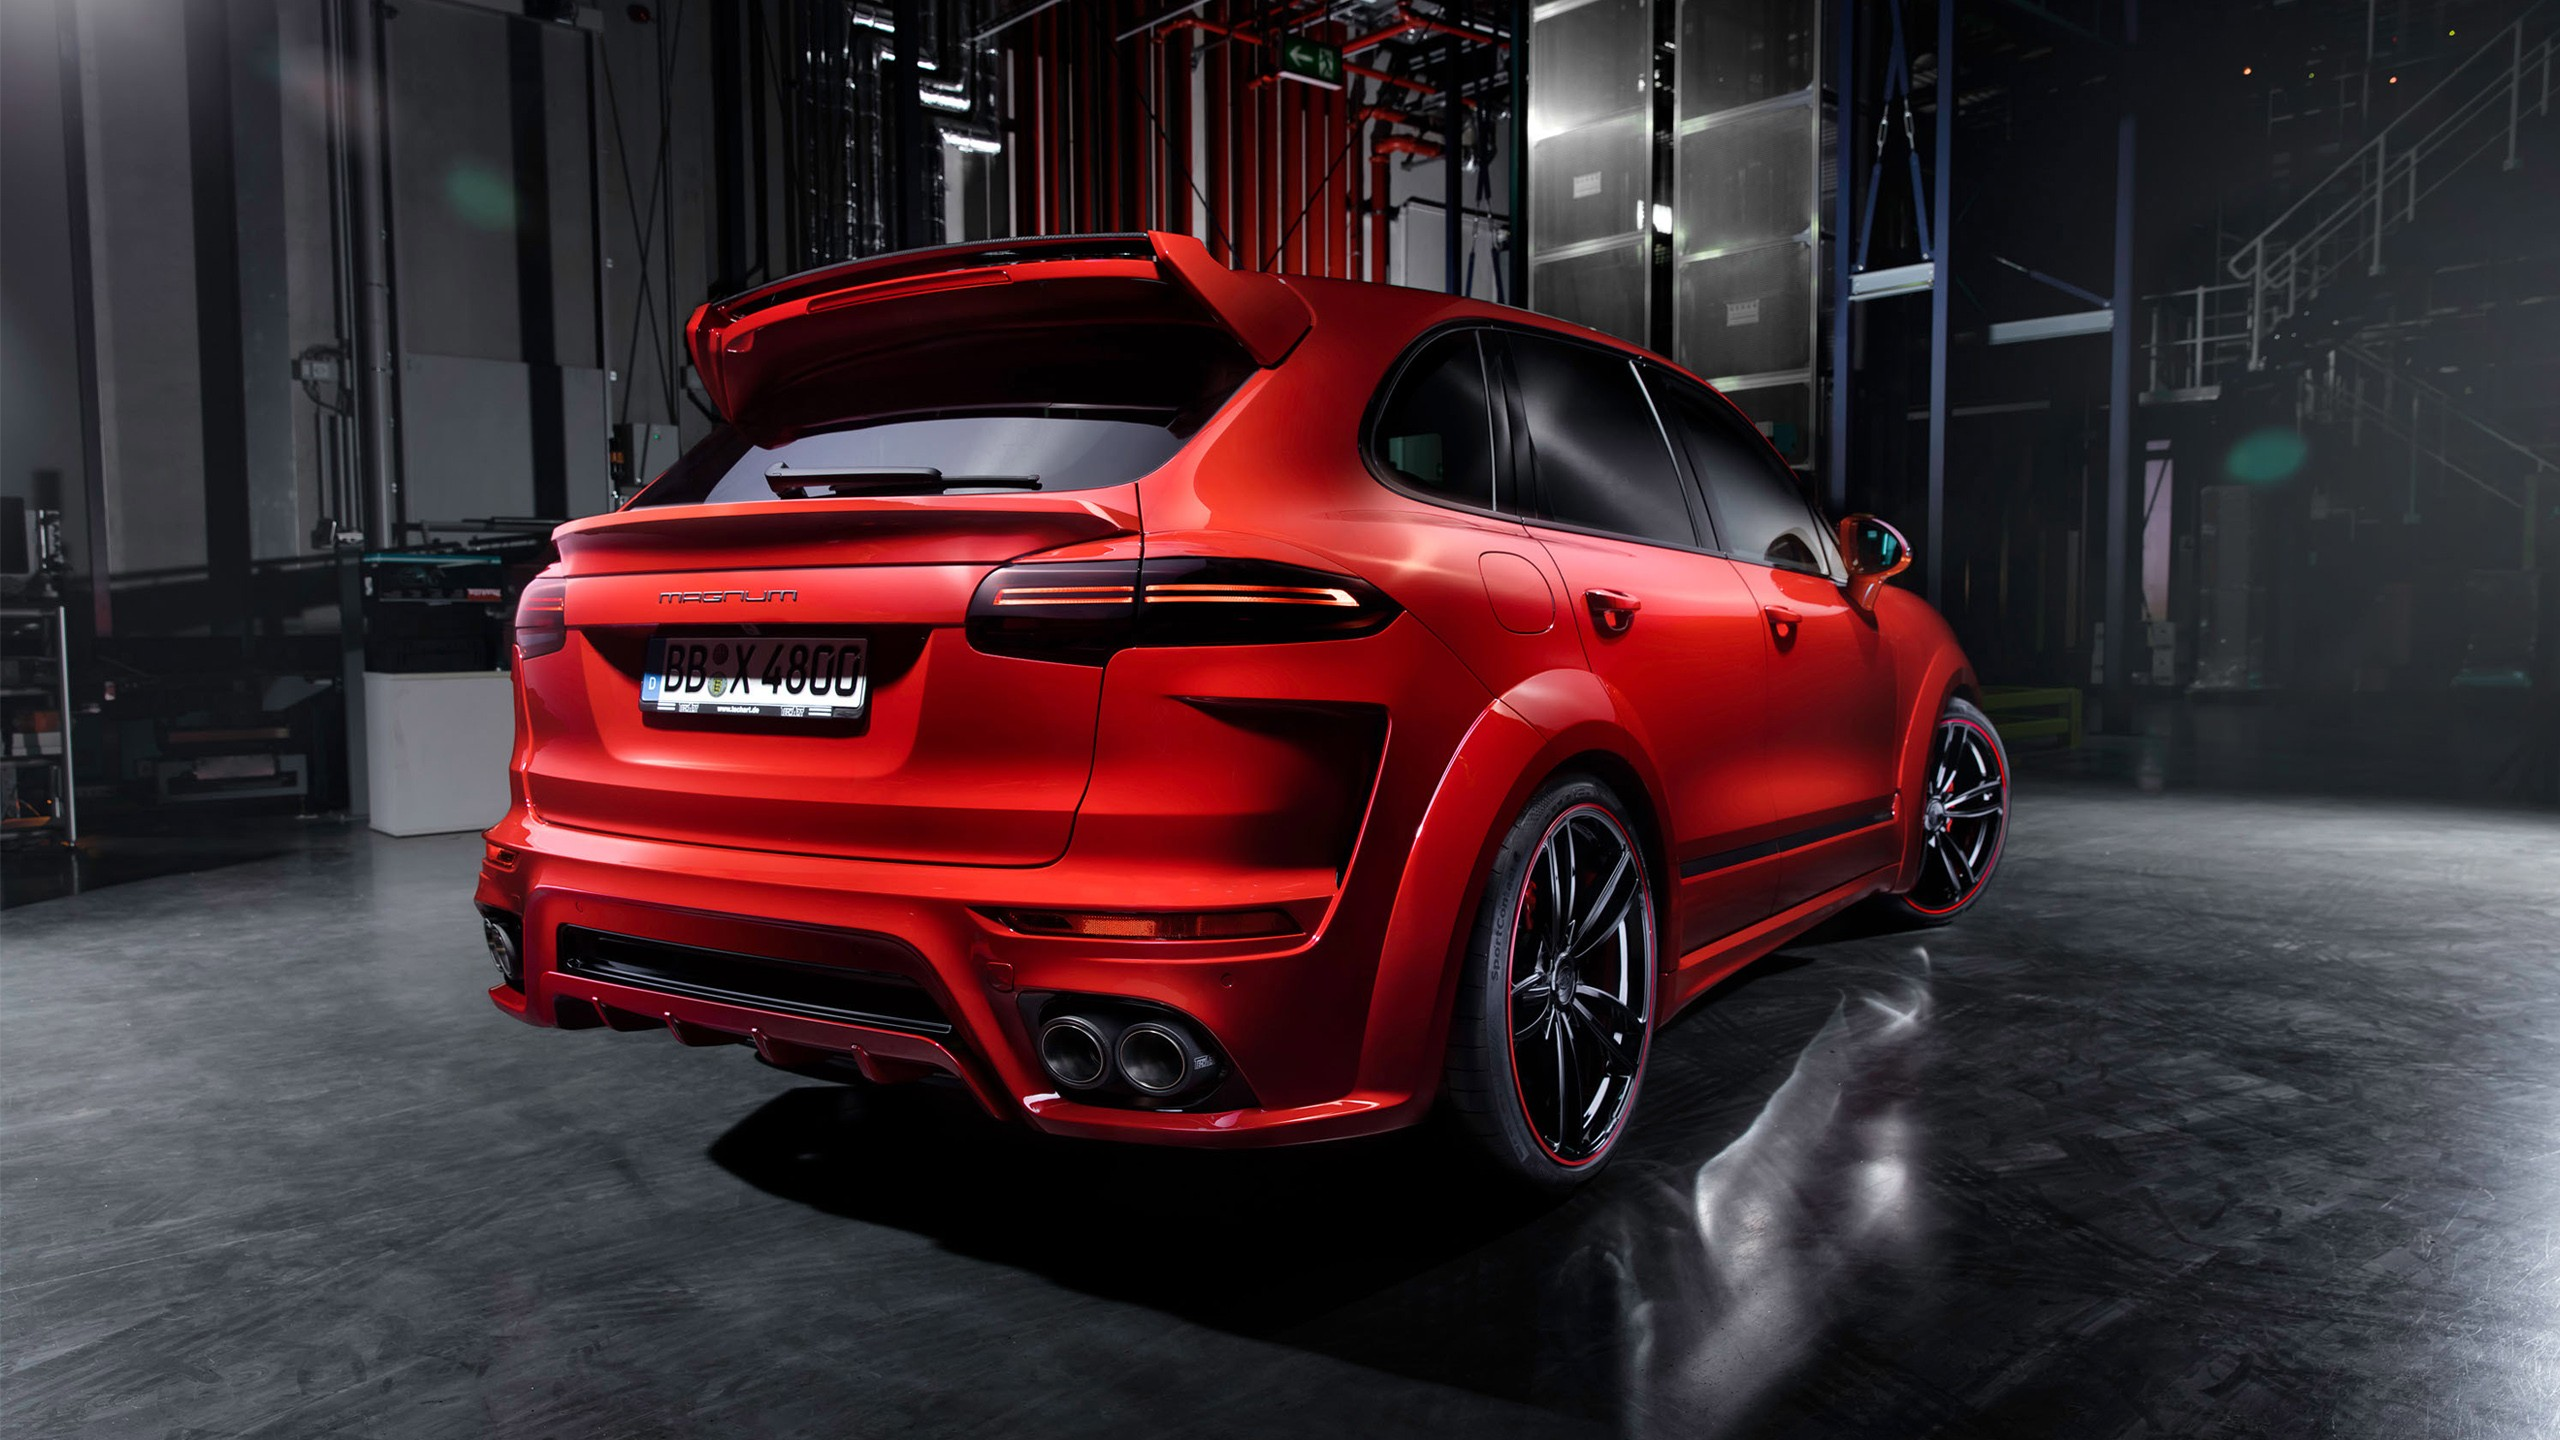 2015 Techart Porsche Cayenne Magnum 4 Wallpaper Hd Car